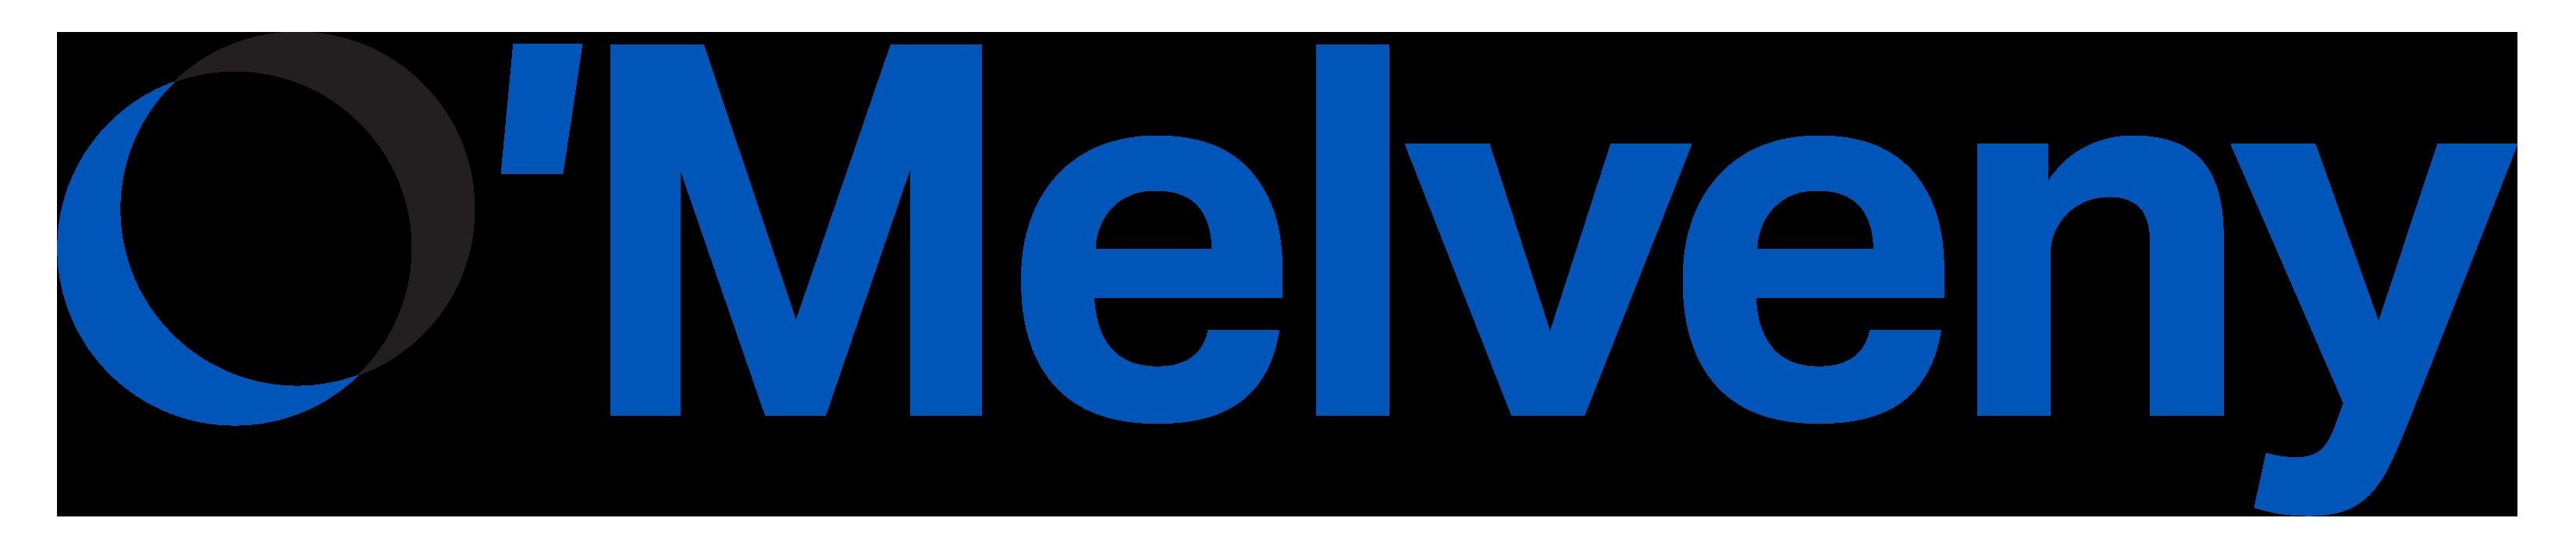 O'Melveny Logo